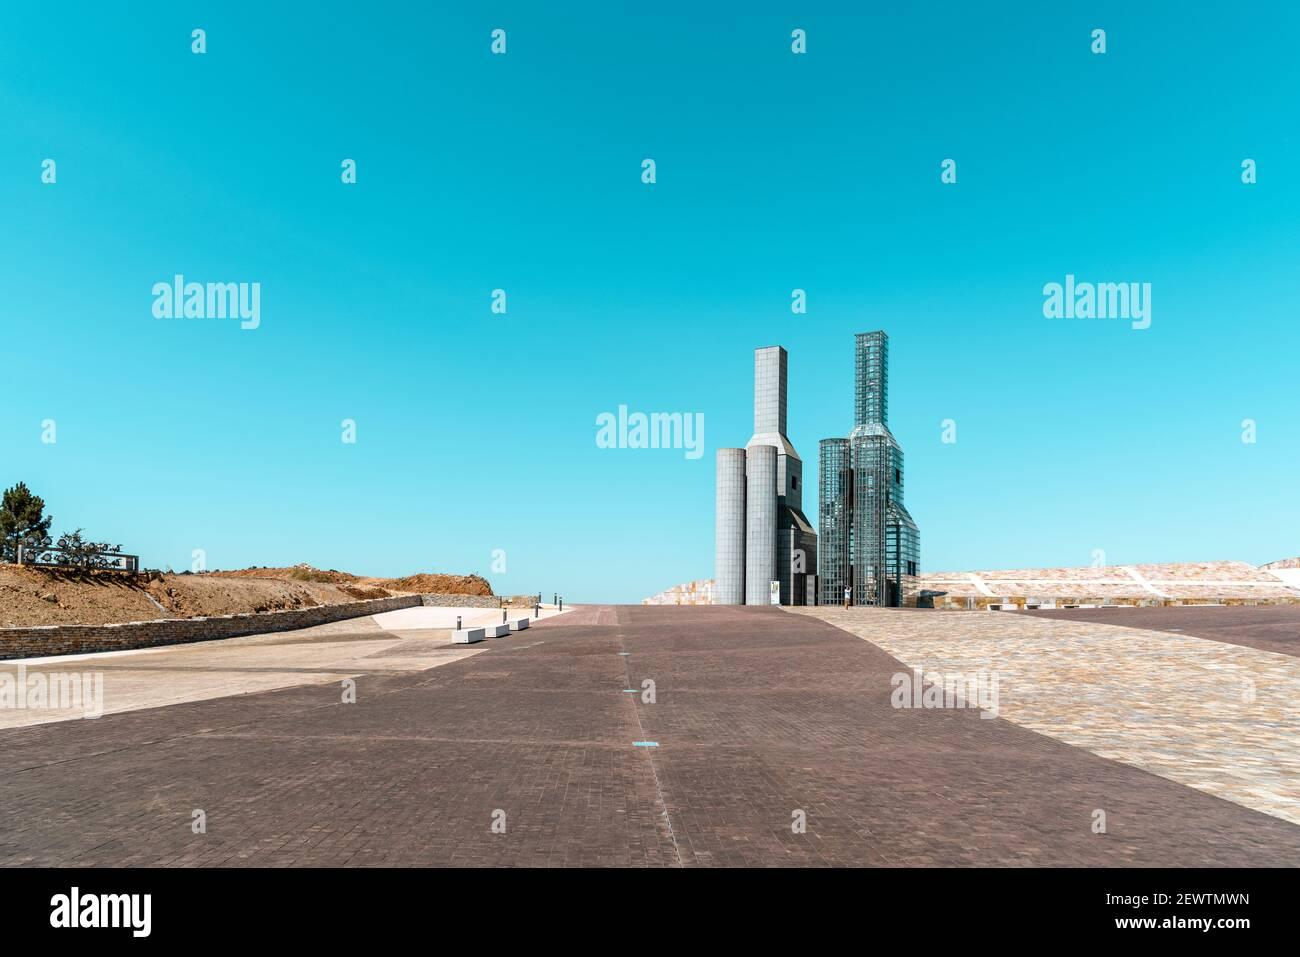 Saint-Jacques-de-Compostelle, Espagne - 18 juillet 2020 : vue de la ville de la culture de Galice. Situé sur le sommet du mont Gaias comme un jalon architectural. De Banque D'Images